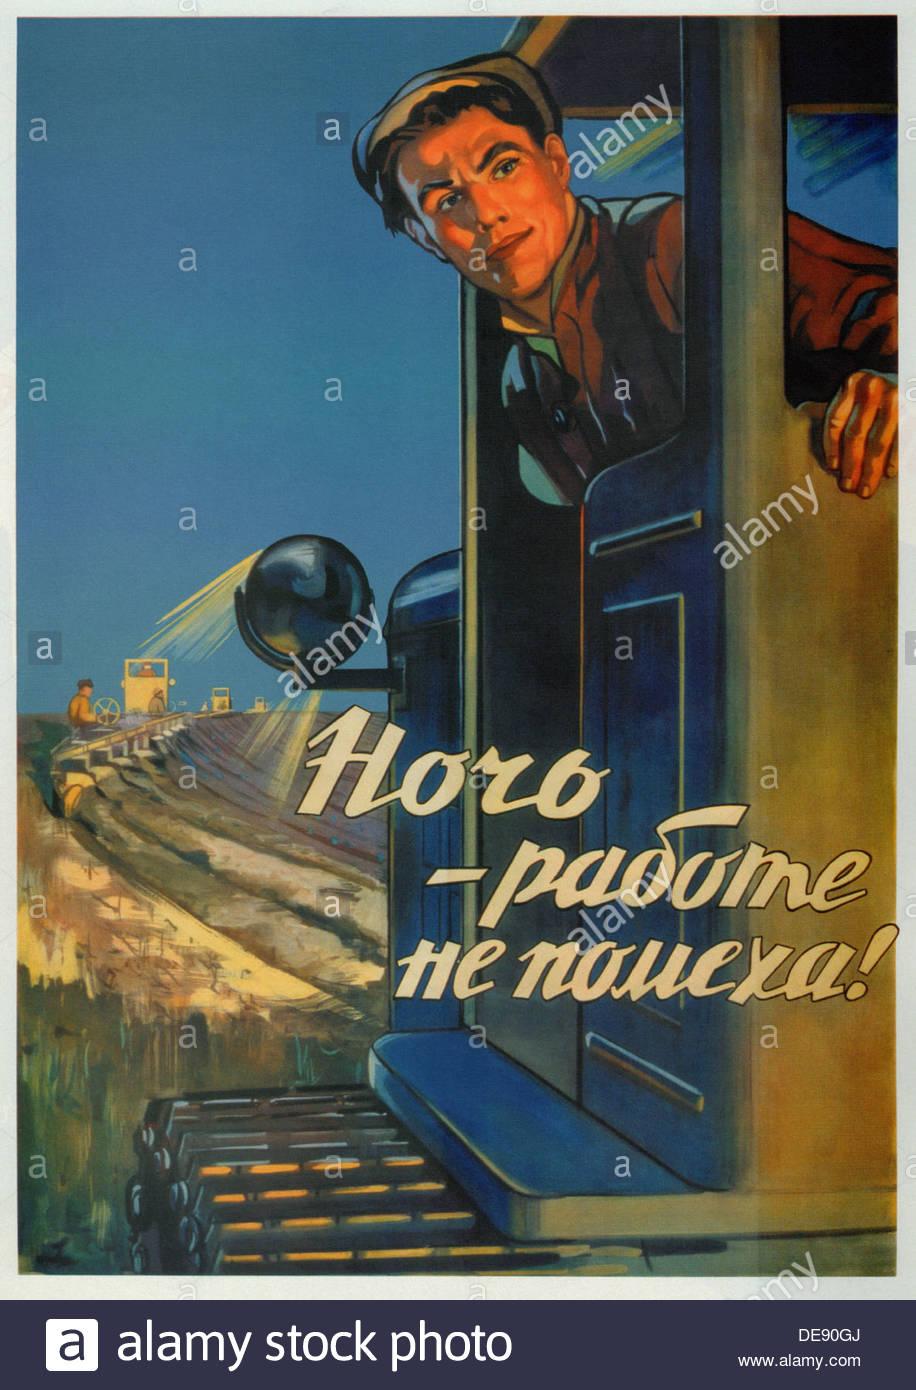 La noche es ningún impedimento a la obra!, 1956. Artista: Dobrov, Alexander Nikolayevich (1924-1989) Imagen De Stock